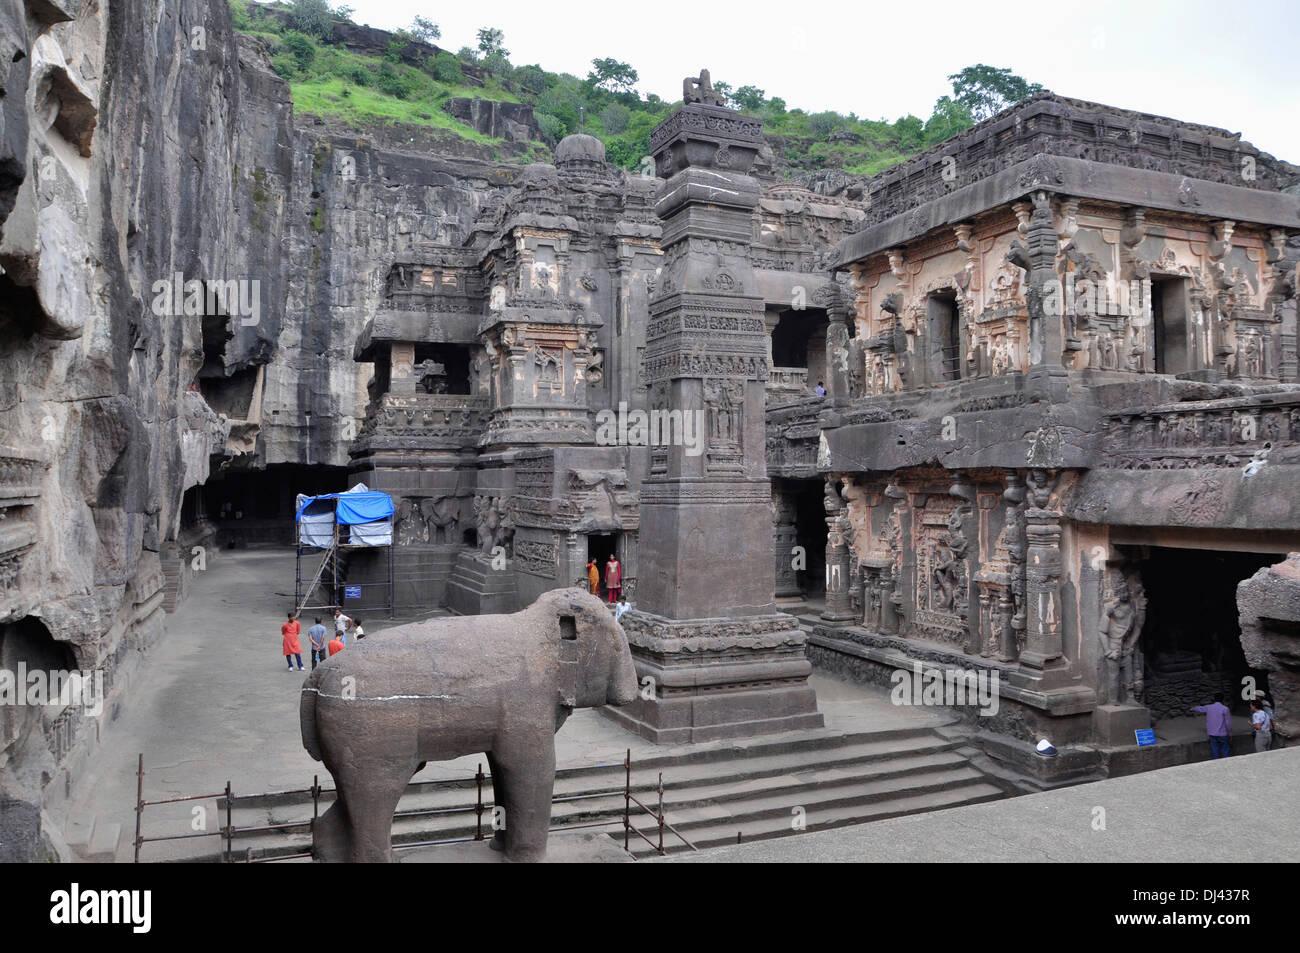 16 : La cueva templo patio y Victoria Pilar Norte. Narasimha en la pared sur. Las cuevas de Ellora, Aurangabad, Maharashtra, India Foto de stock